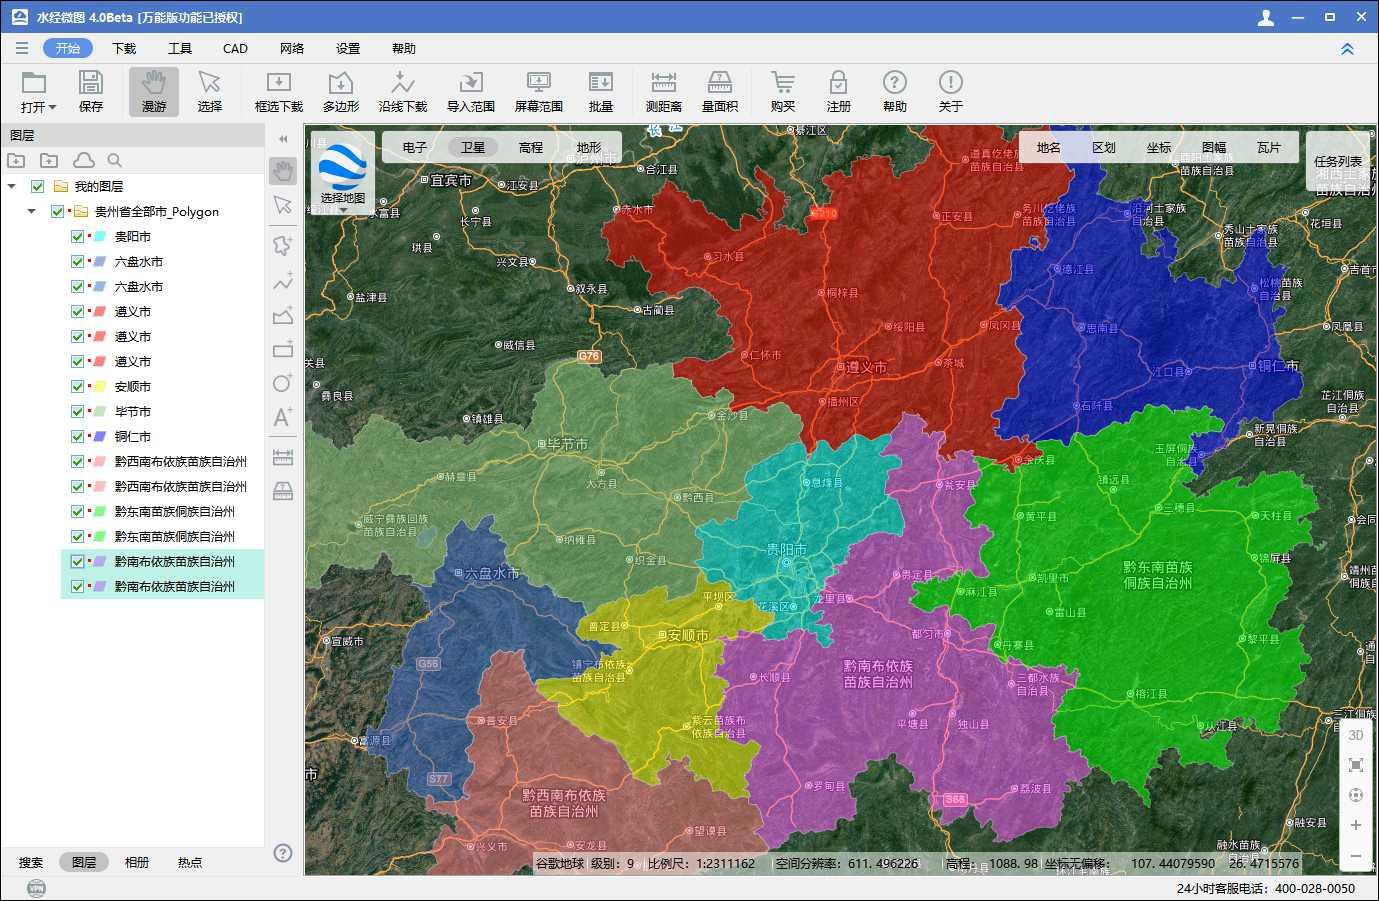 10行政区划与卫星影像叠加.jpg